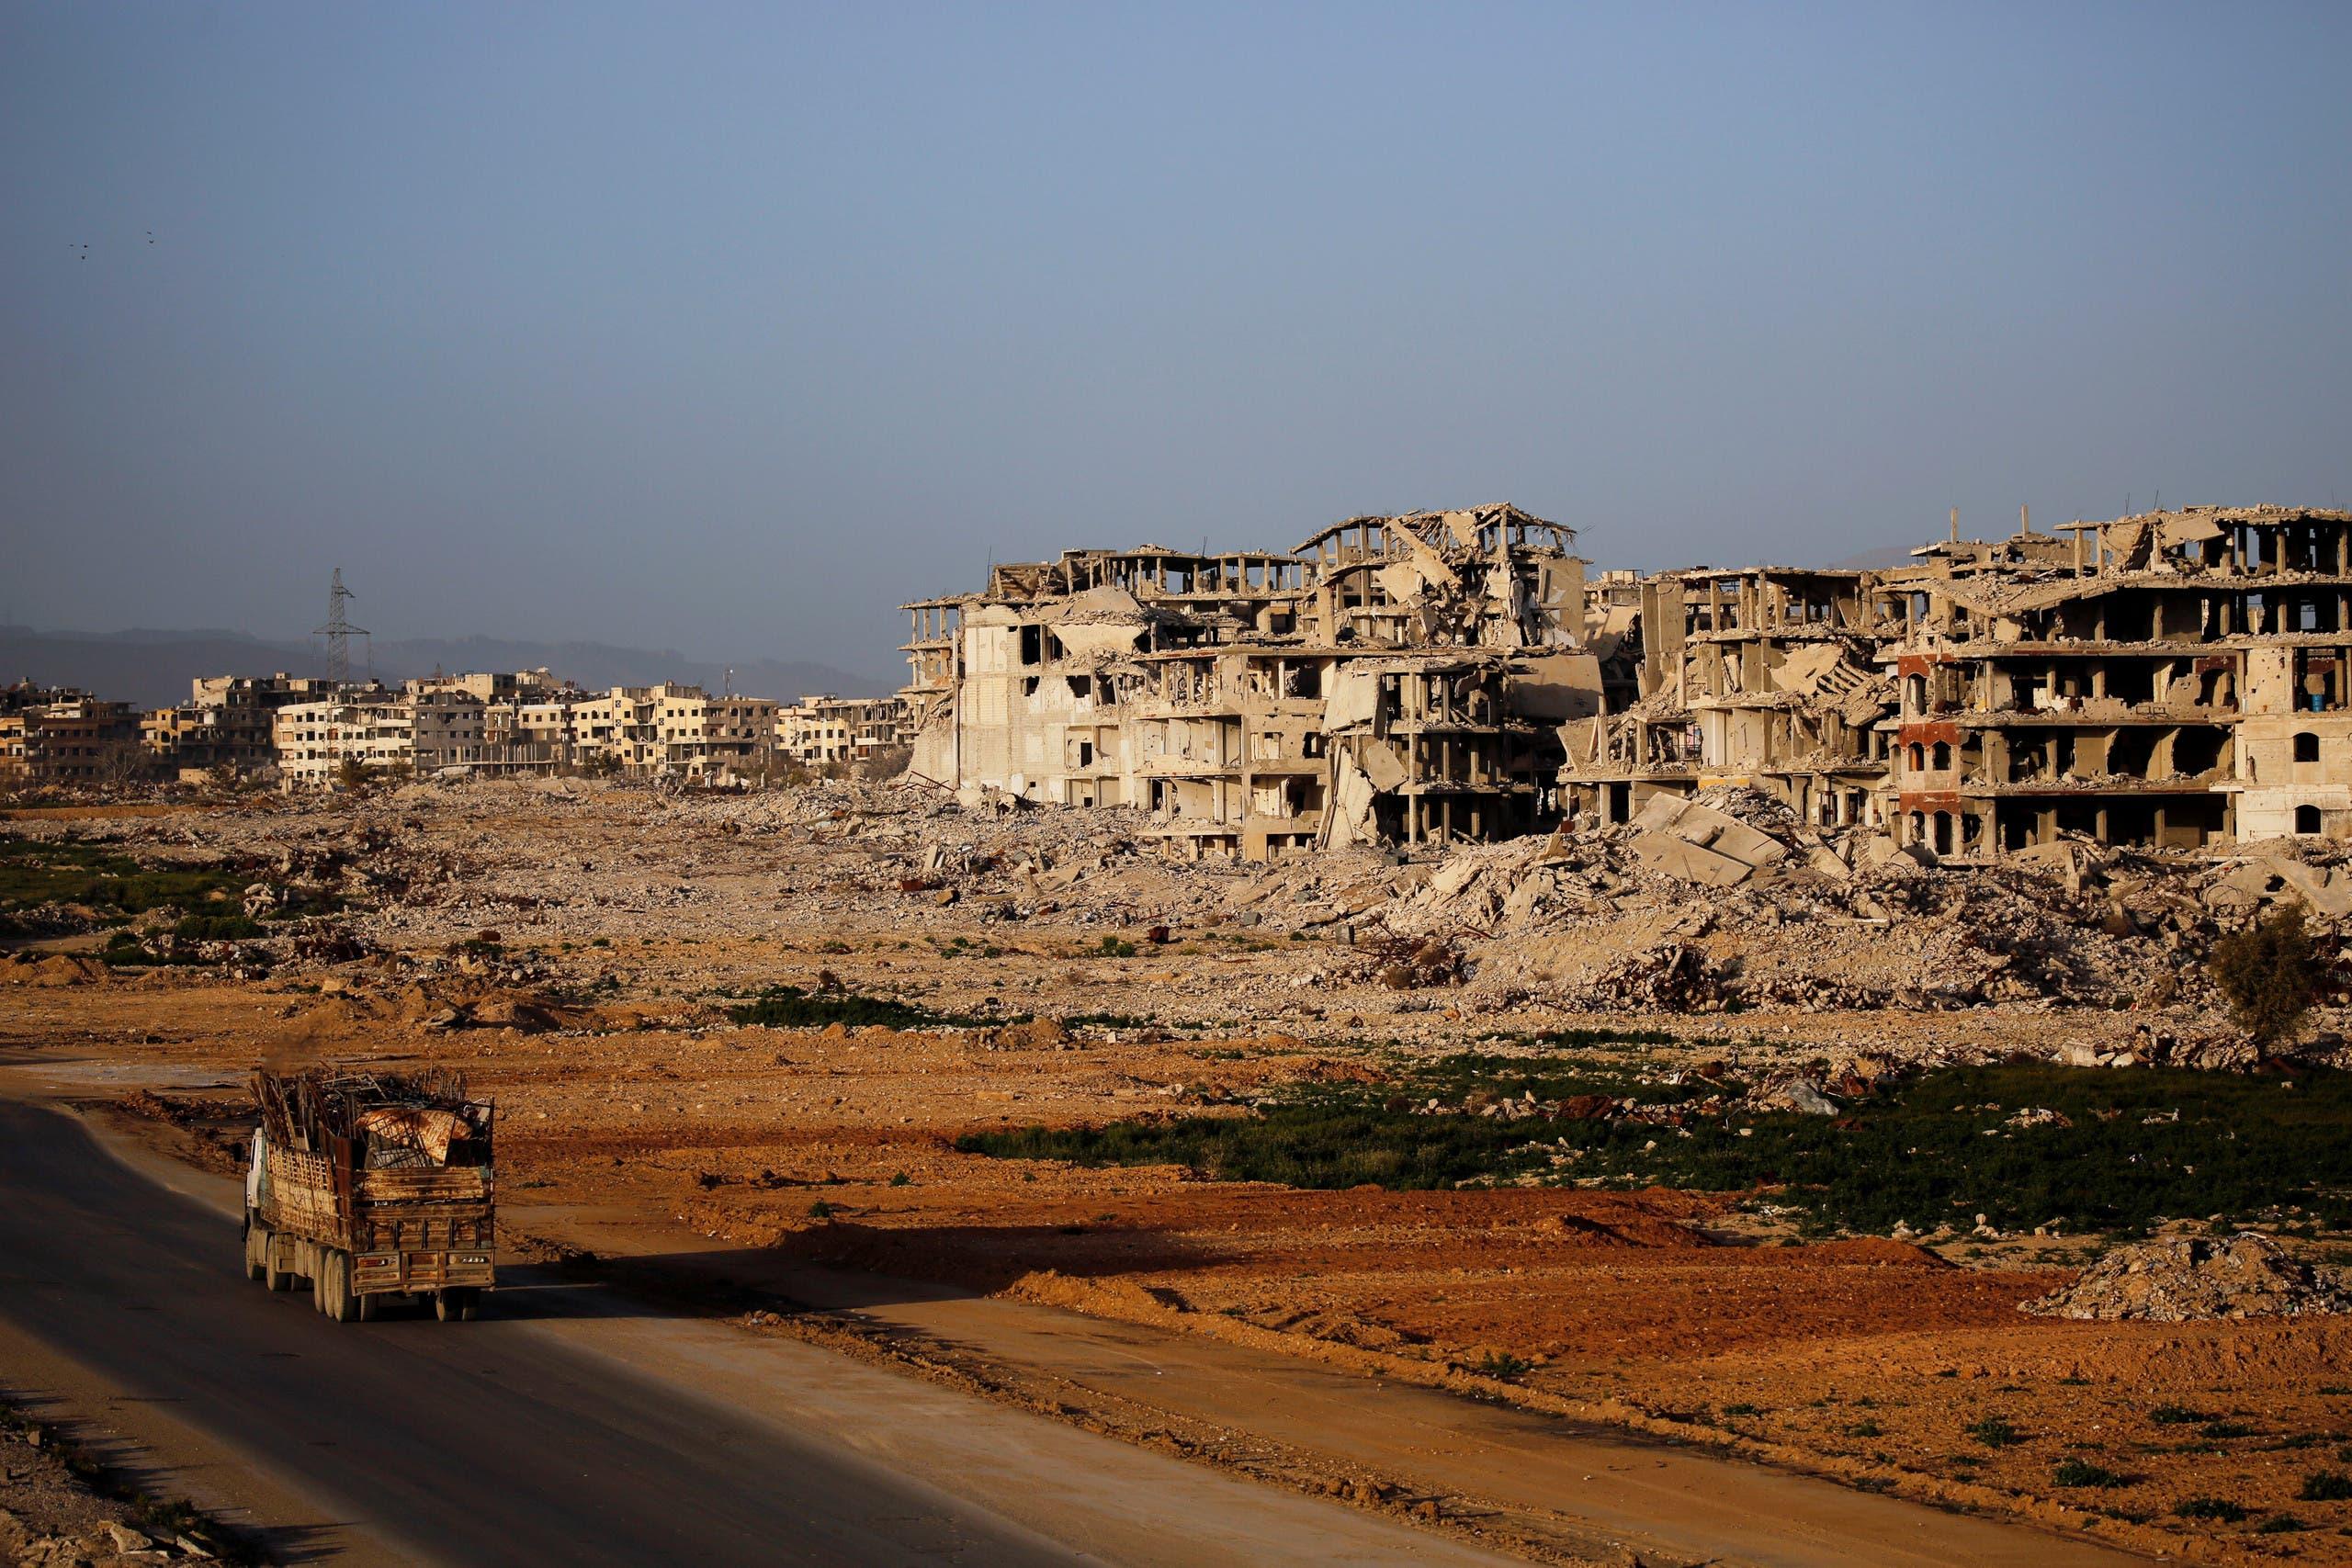 الدمار في الغوطة الشرقية بريف دمشق